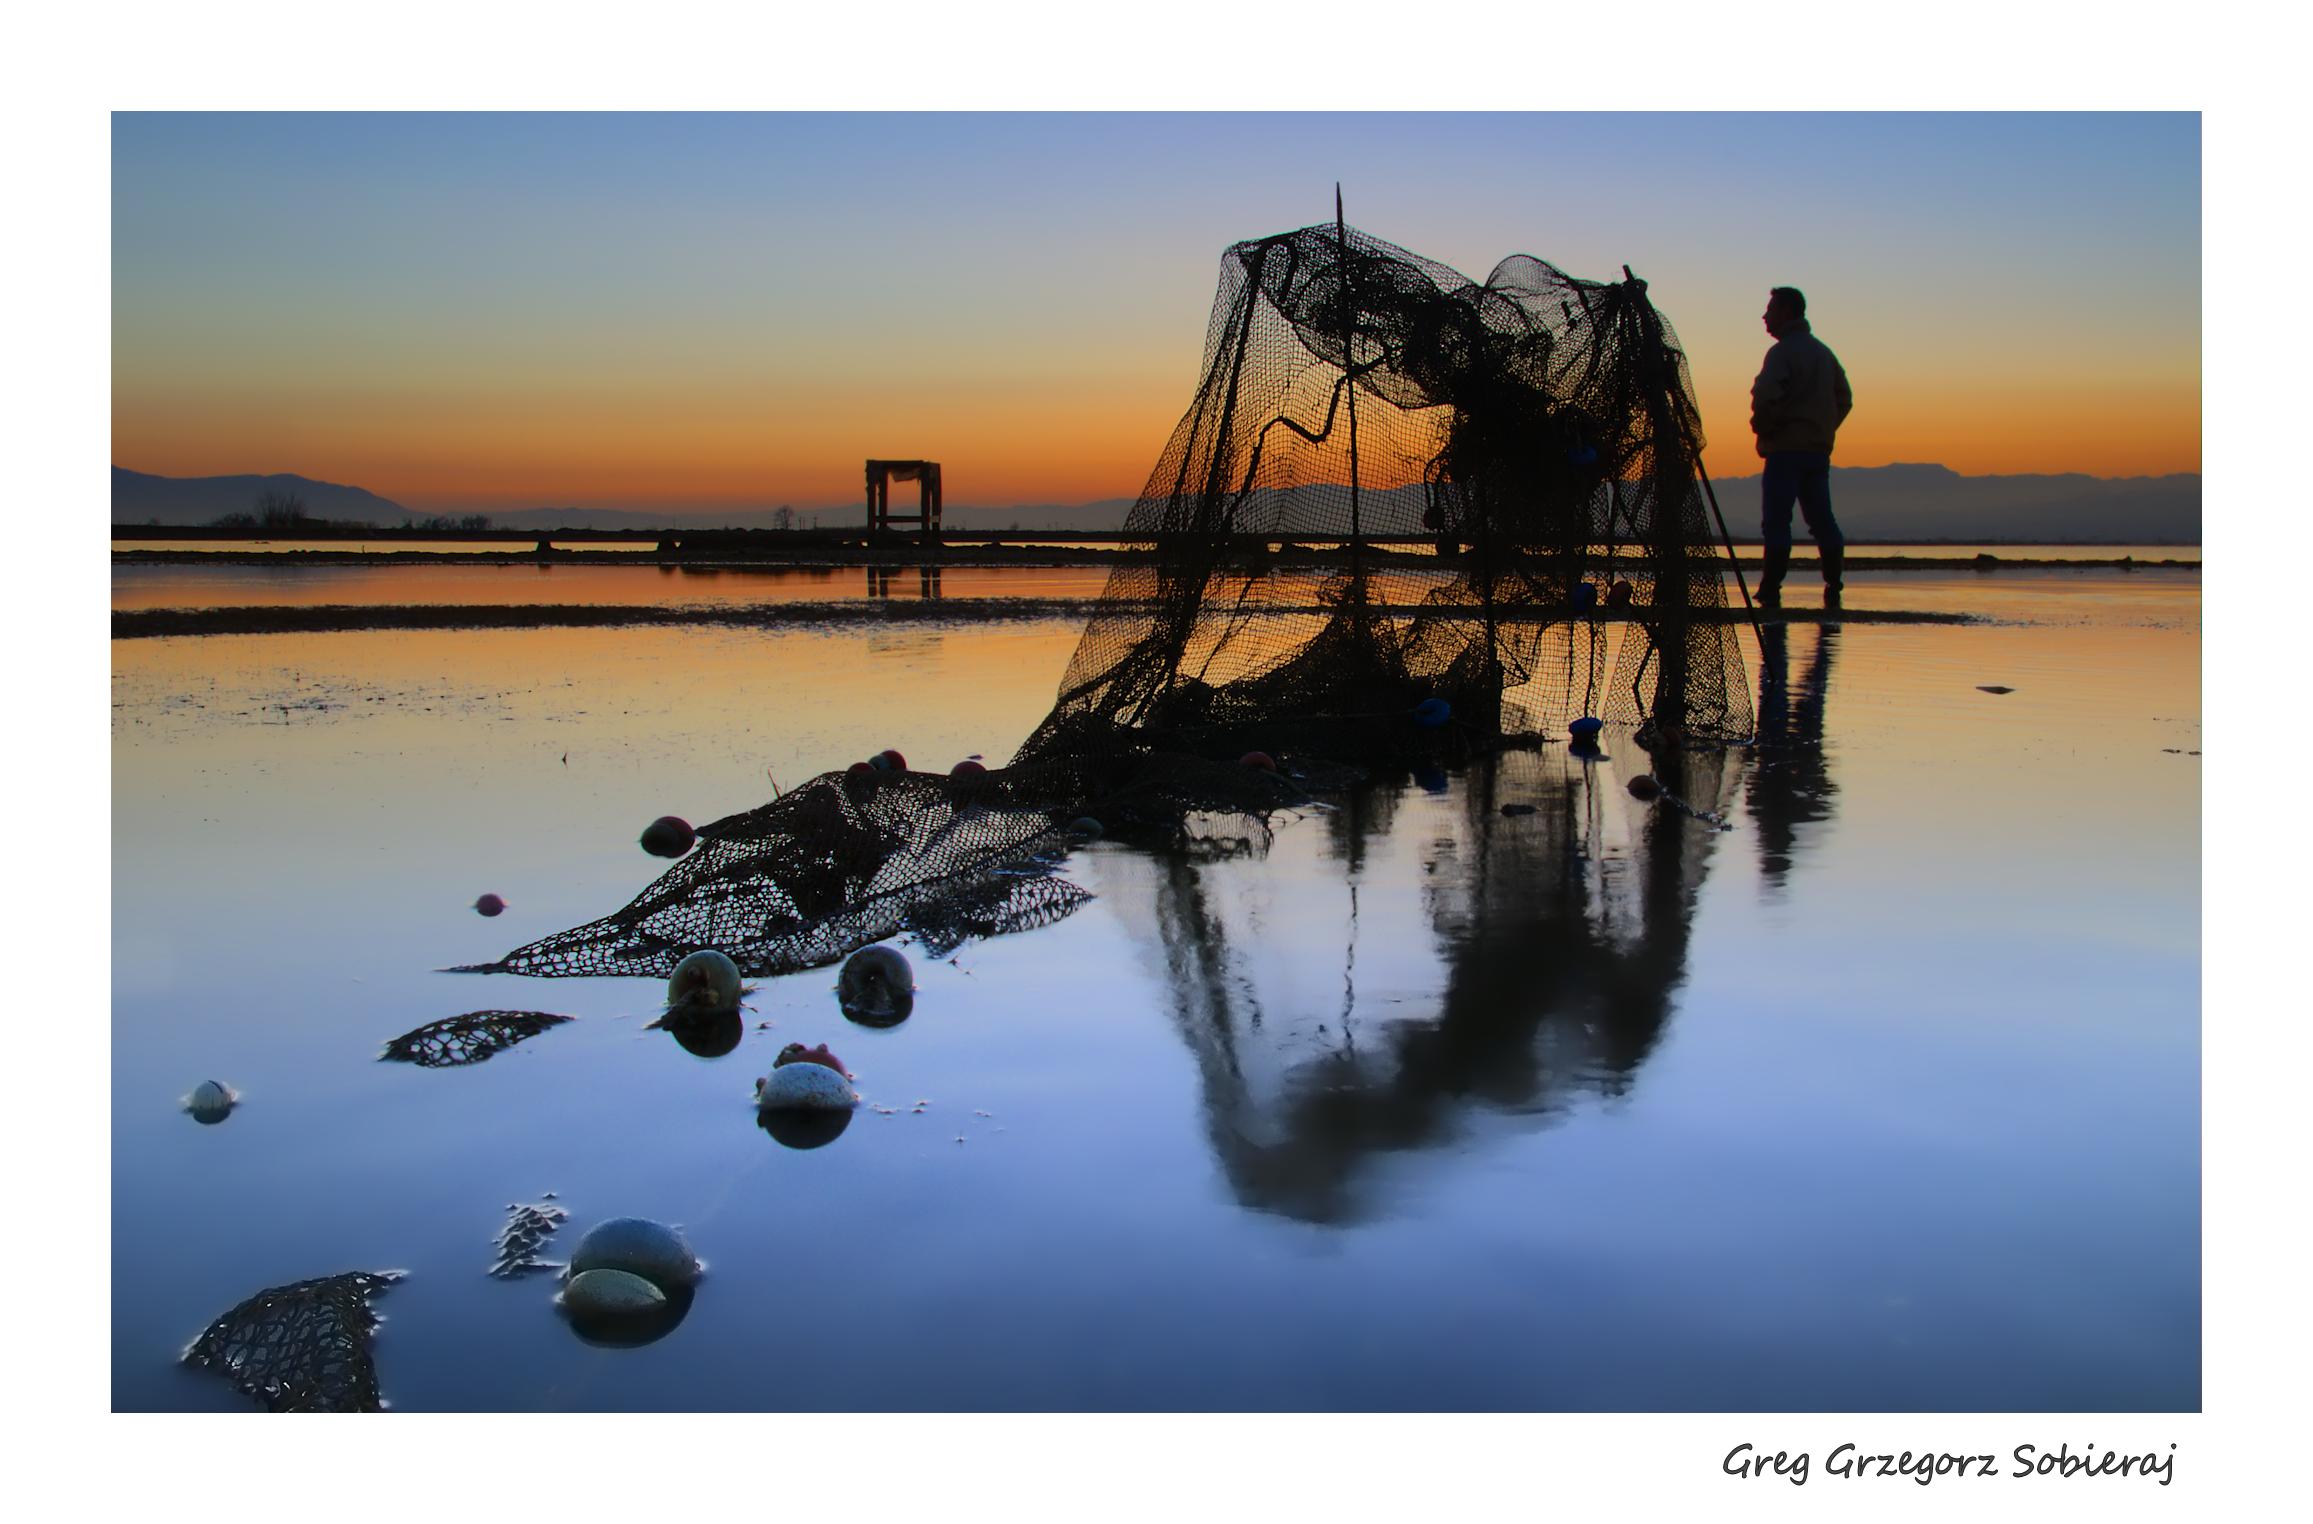 Bahía del Fangar / Delta del Ebro / Cataluña ... fot: Greg Grzegorz Sobieraj.